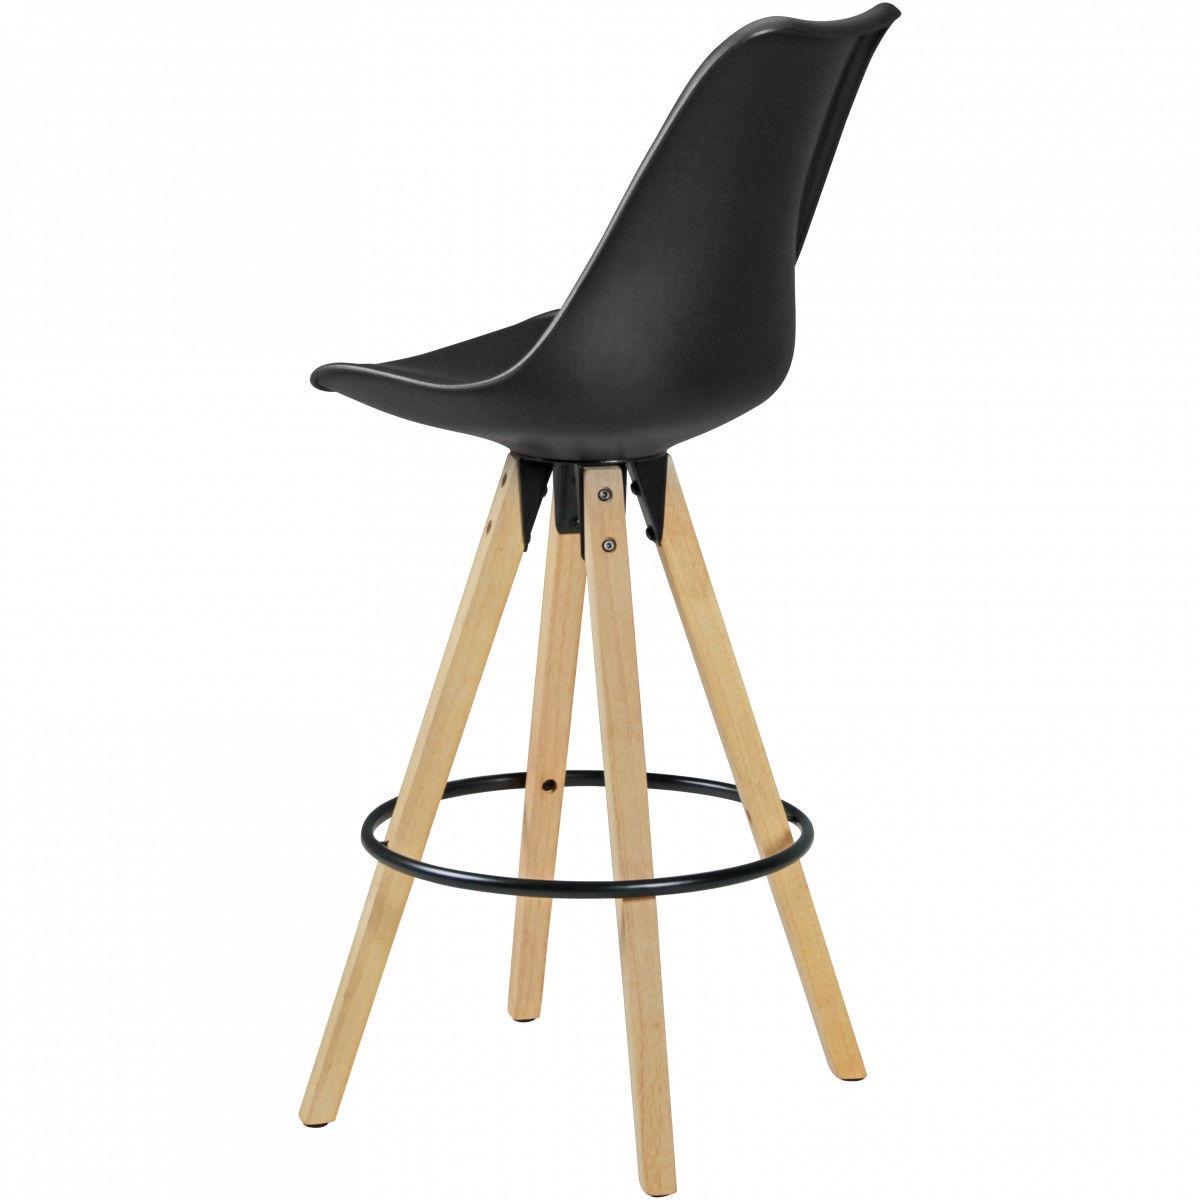 Weran 2er Set Barhocker Lima Schwarz Retro Design Kunstleder Holz Mit Lehne